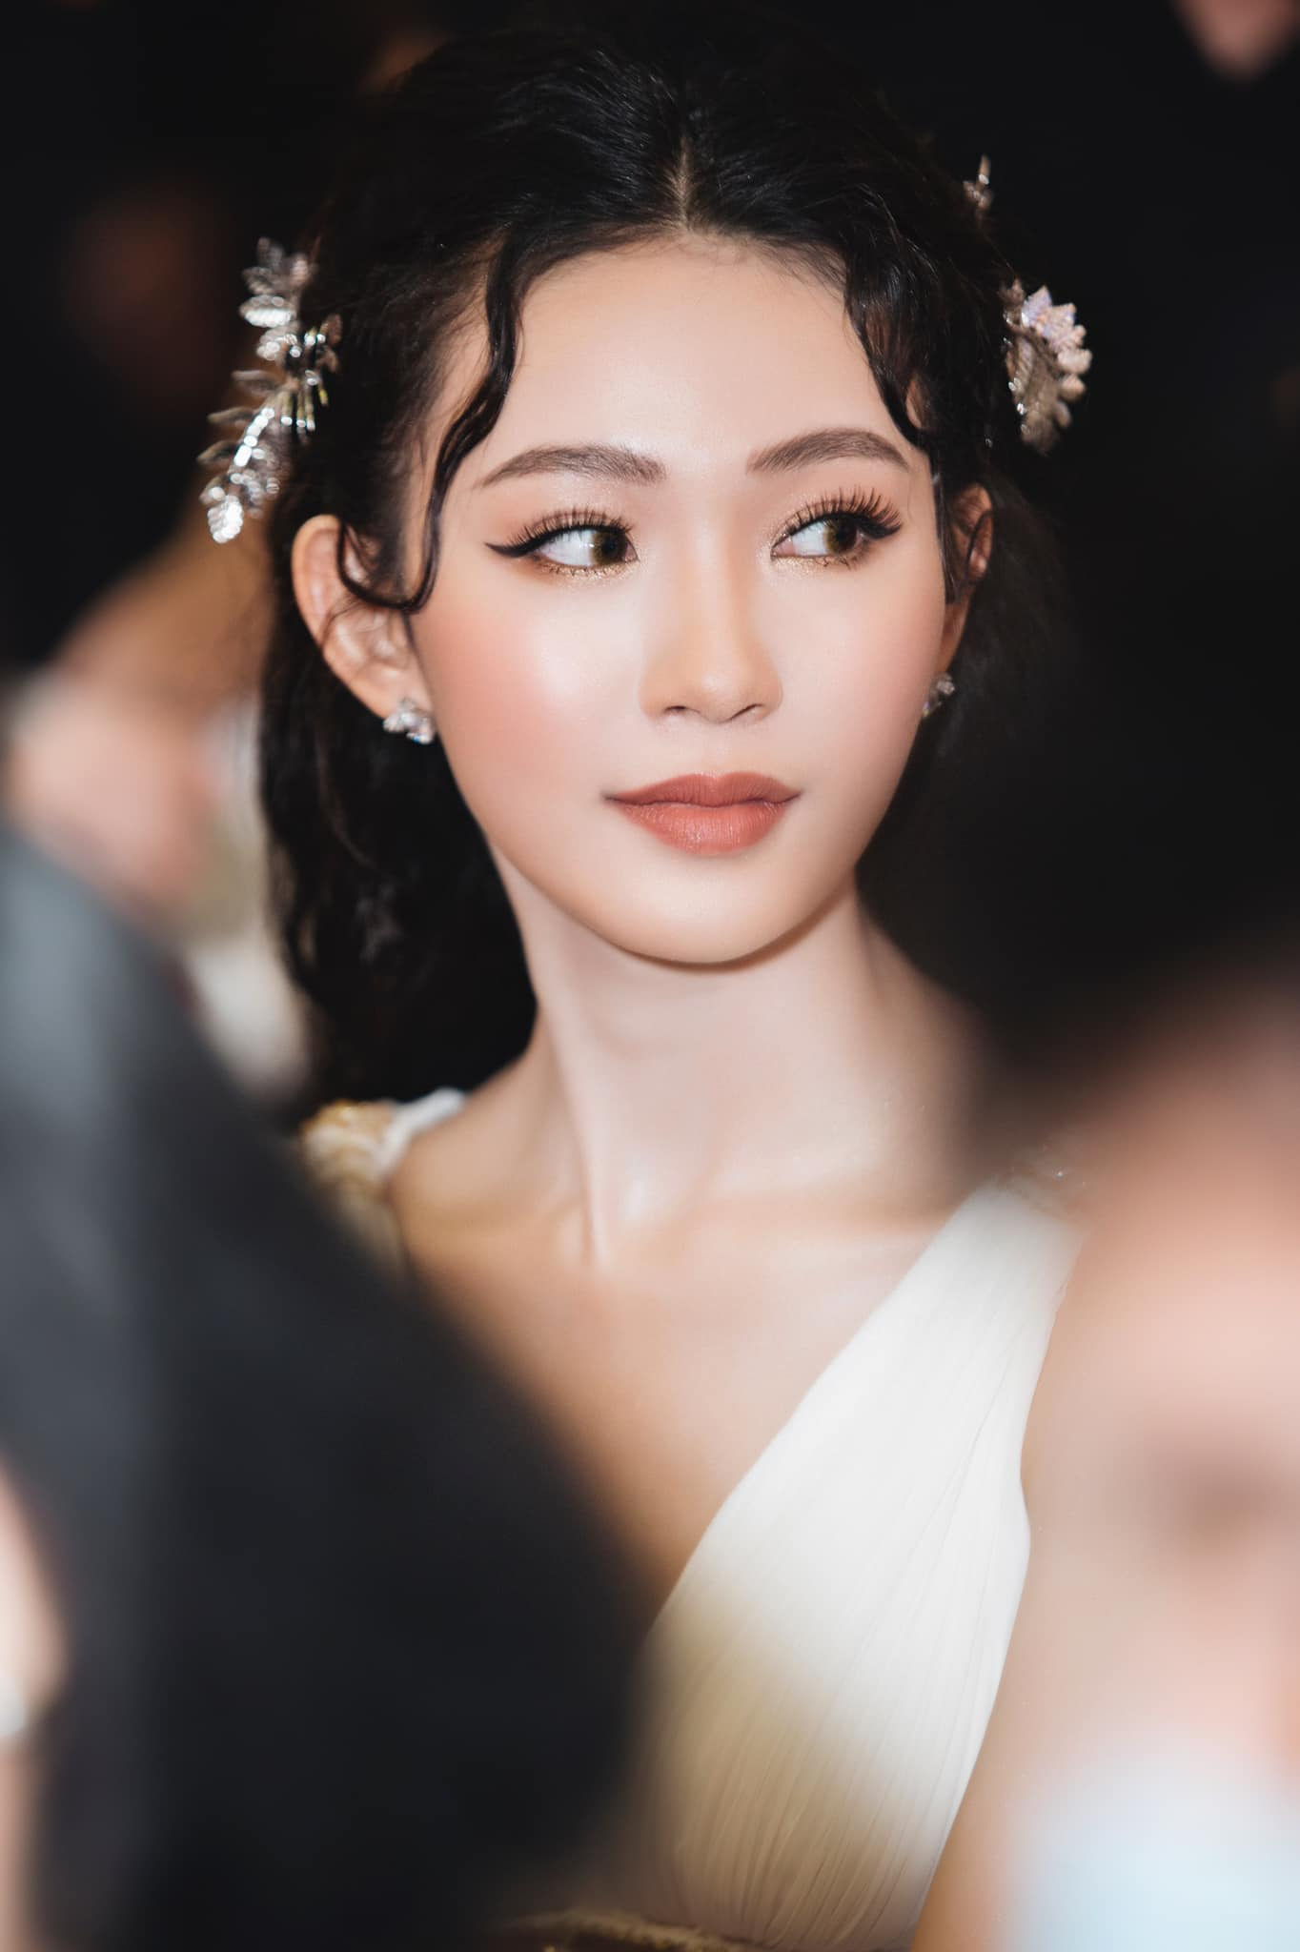 Người đẹp Cẩm Đan kiêu kỳ, Minh Anh xinh đẹp tựa nữ thần ảnh 10